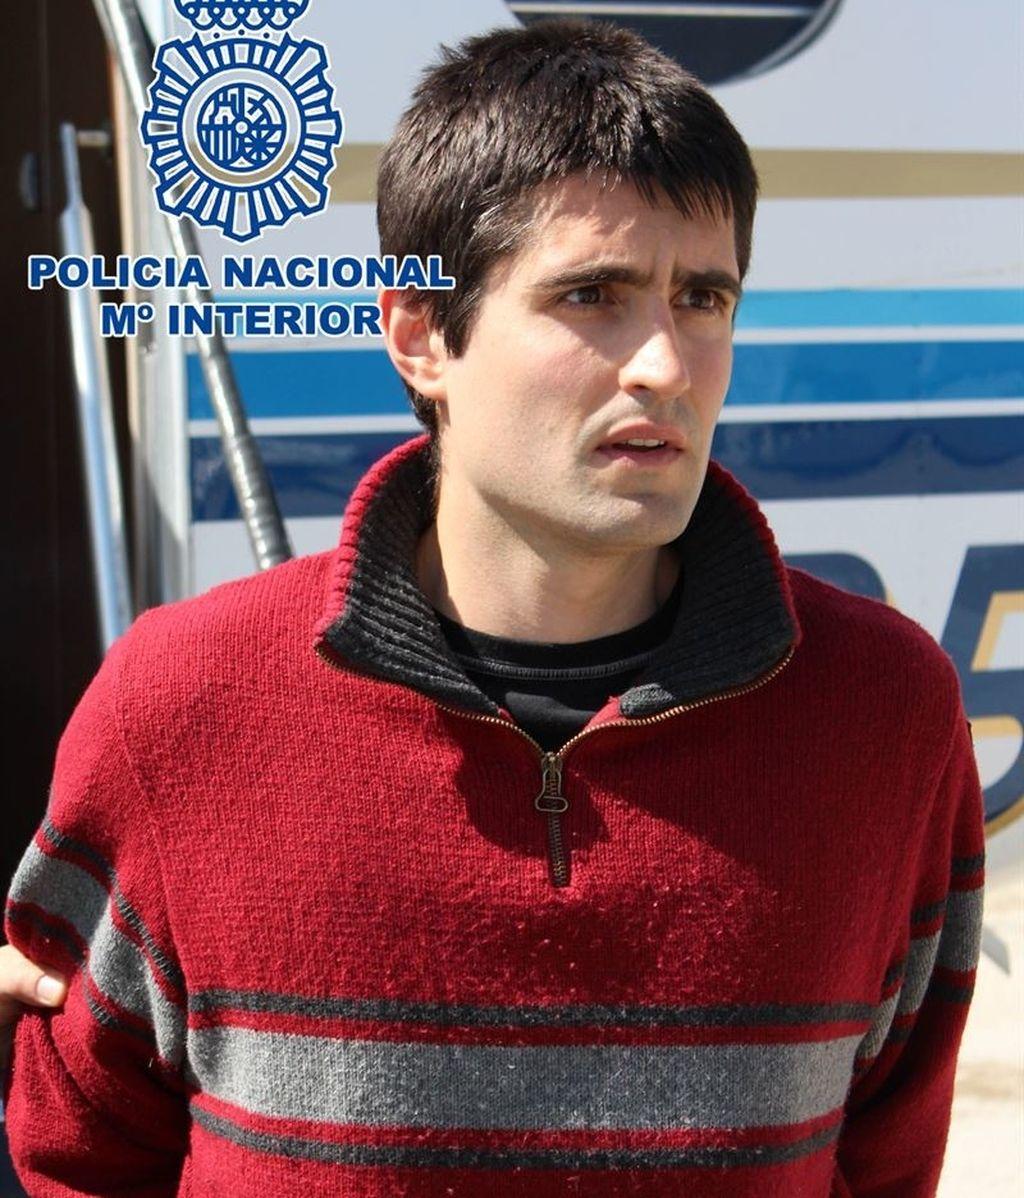 Absuelto el etarra acusado del asesinato del exedil socialista Isaías Carrasco por falta de pruebas